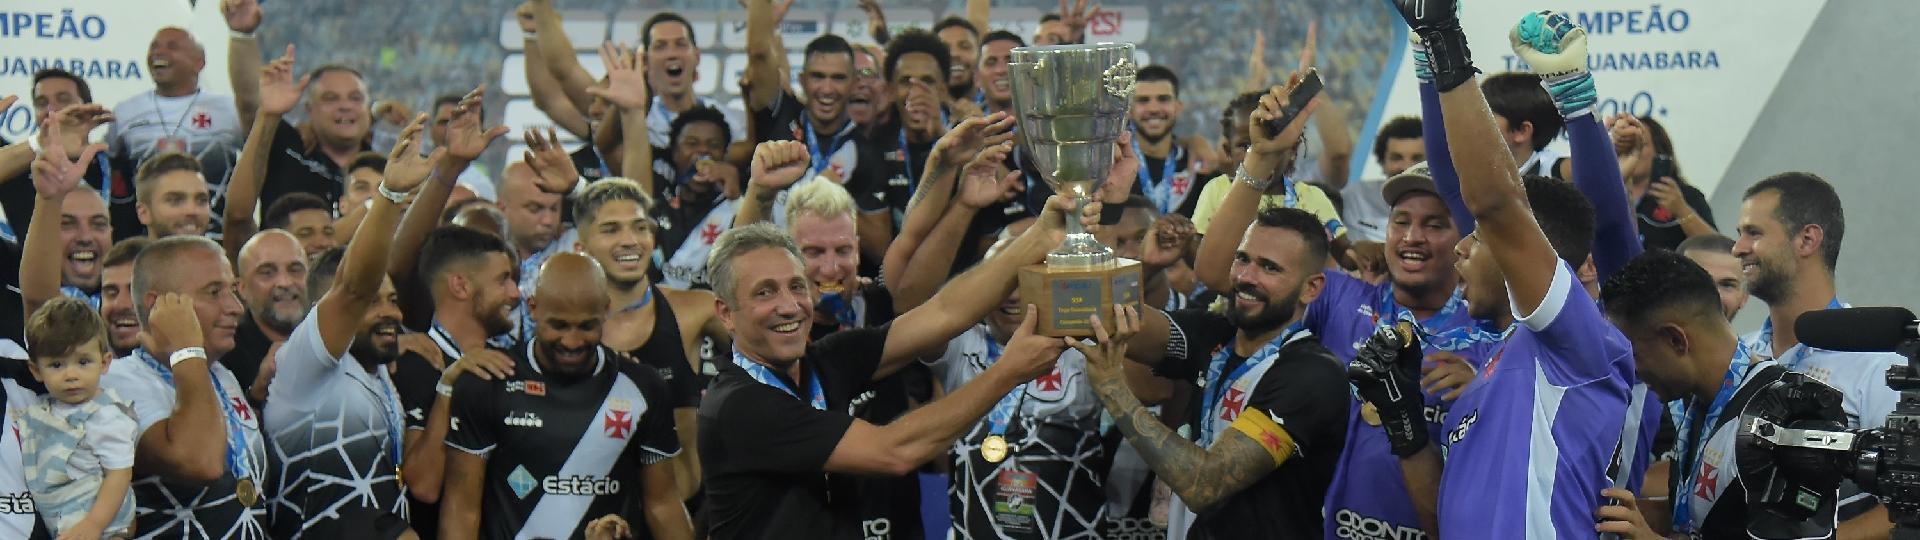 Leandro Castán levanta o troféu da Taça Guanabara, conquistada pelo Vasco contra o Fluminense